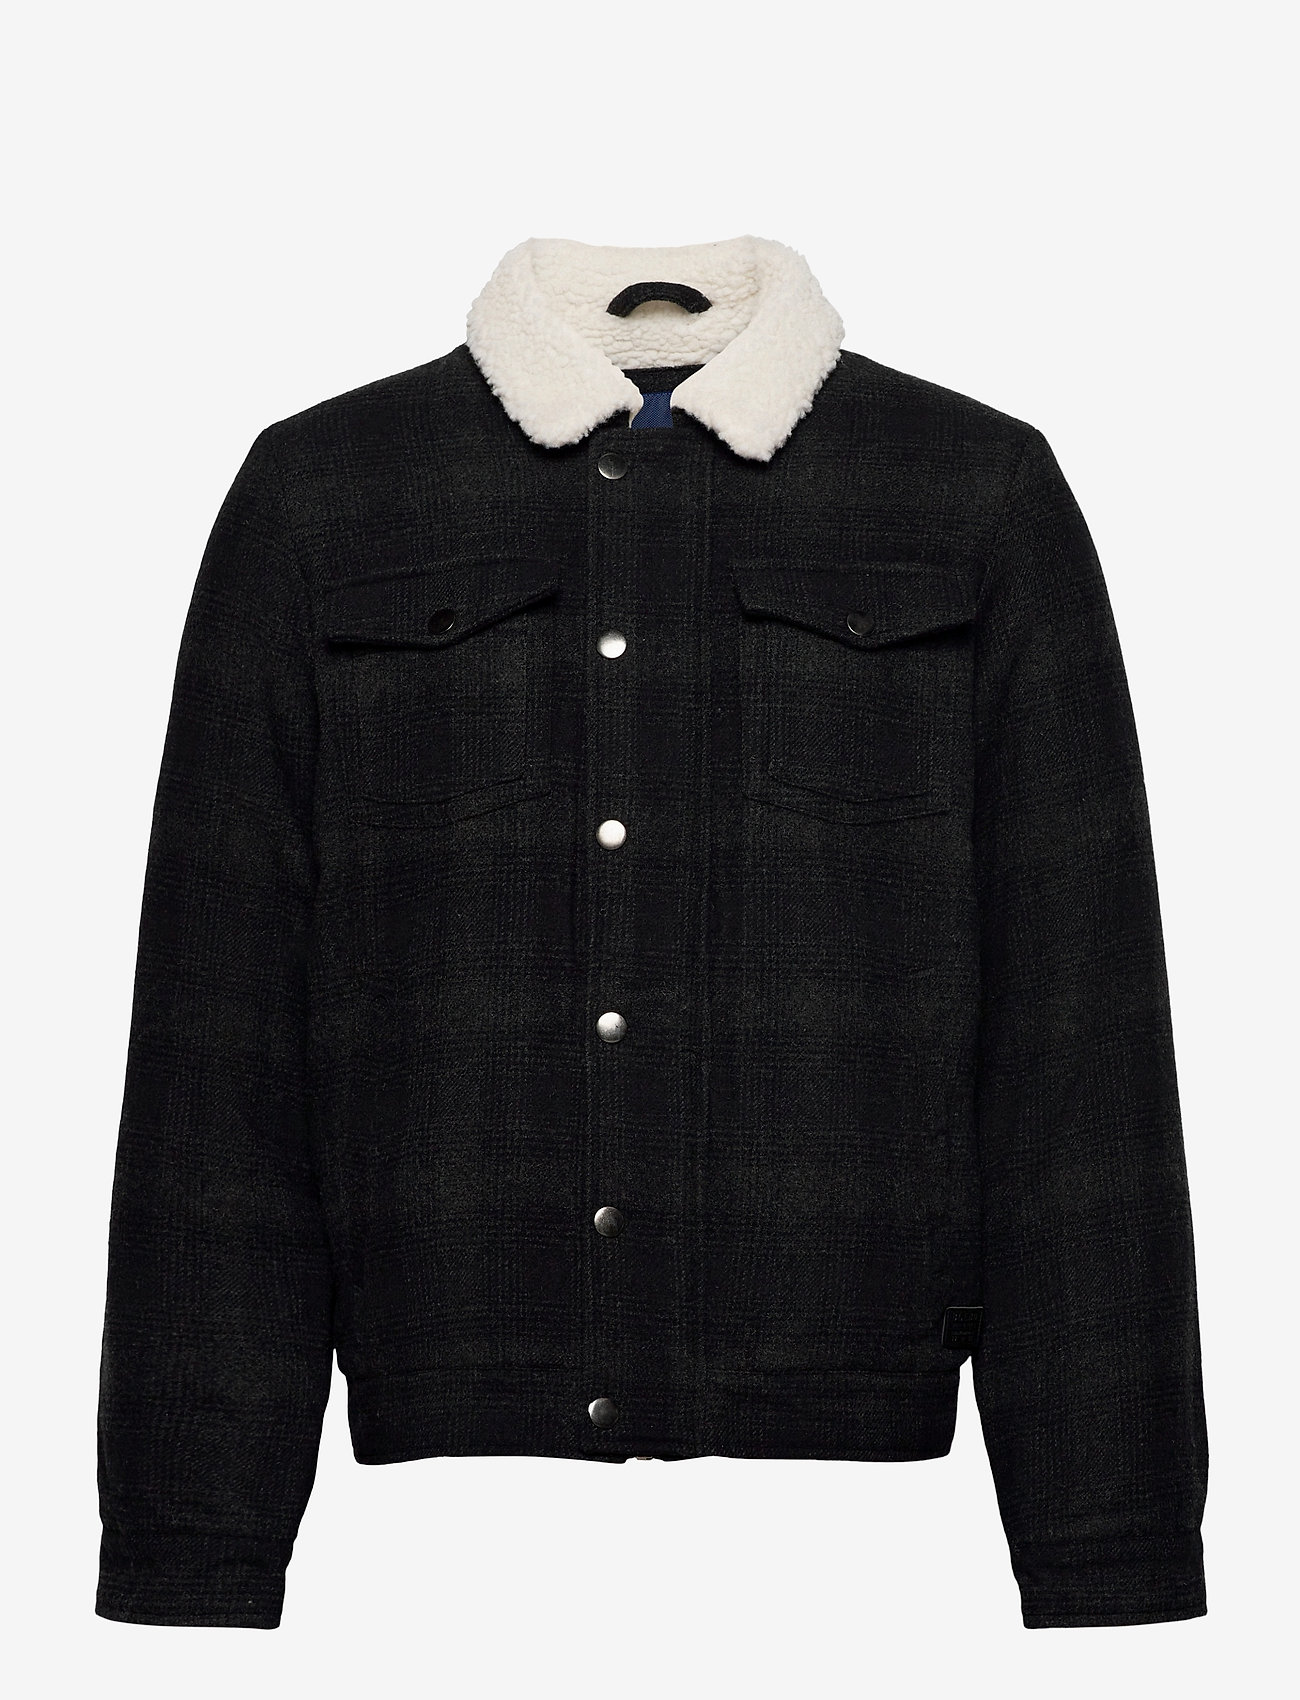 Blend - Outerwear - wool jackets - dark navy - 0